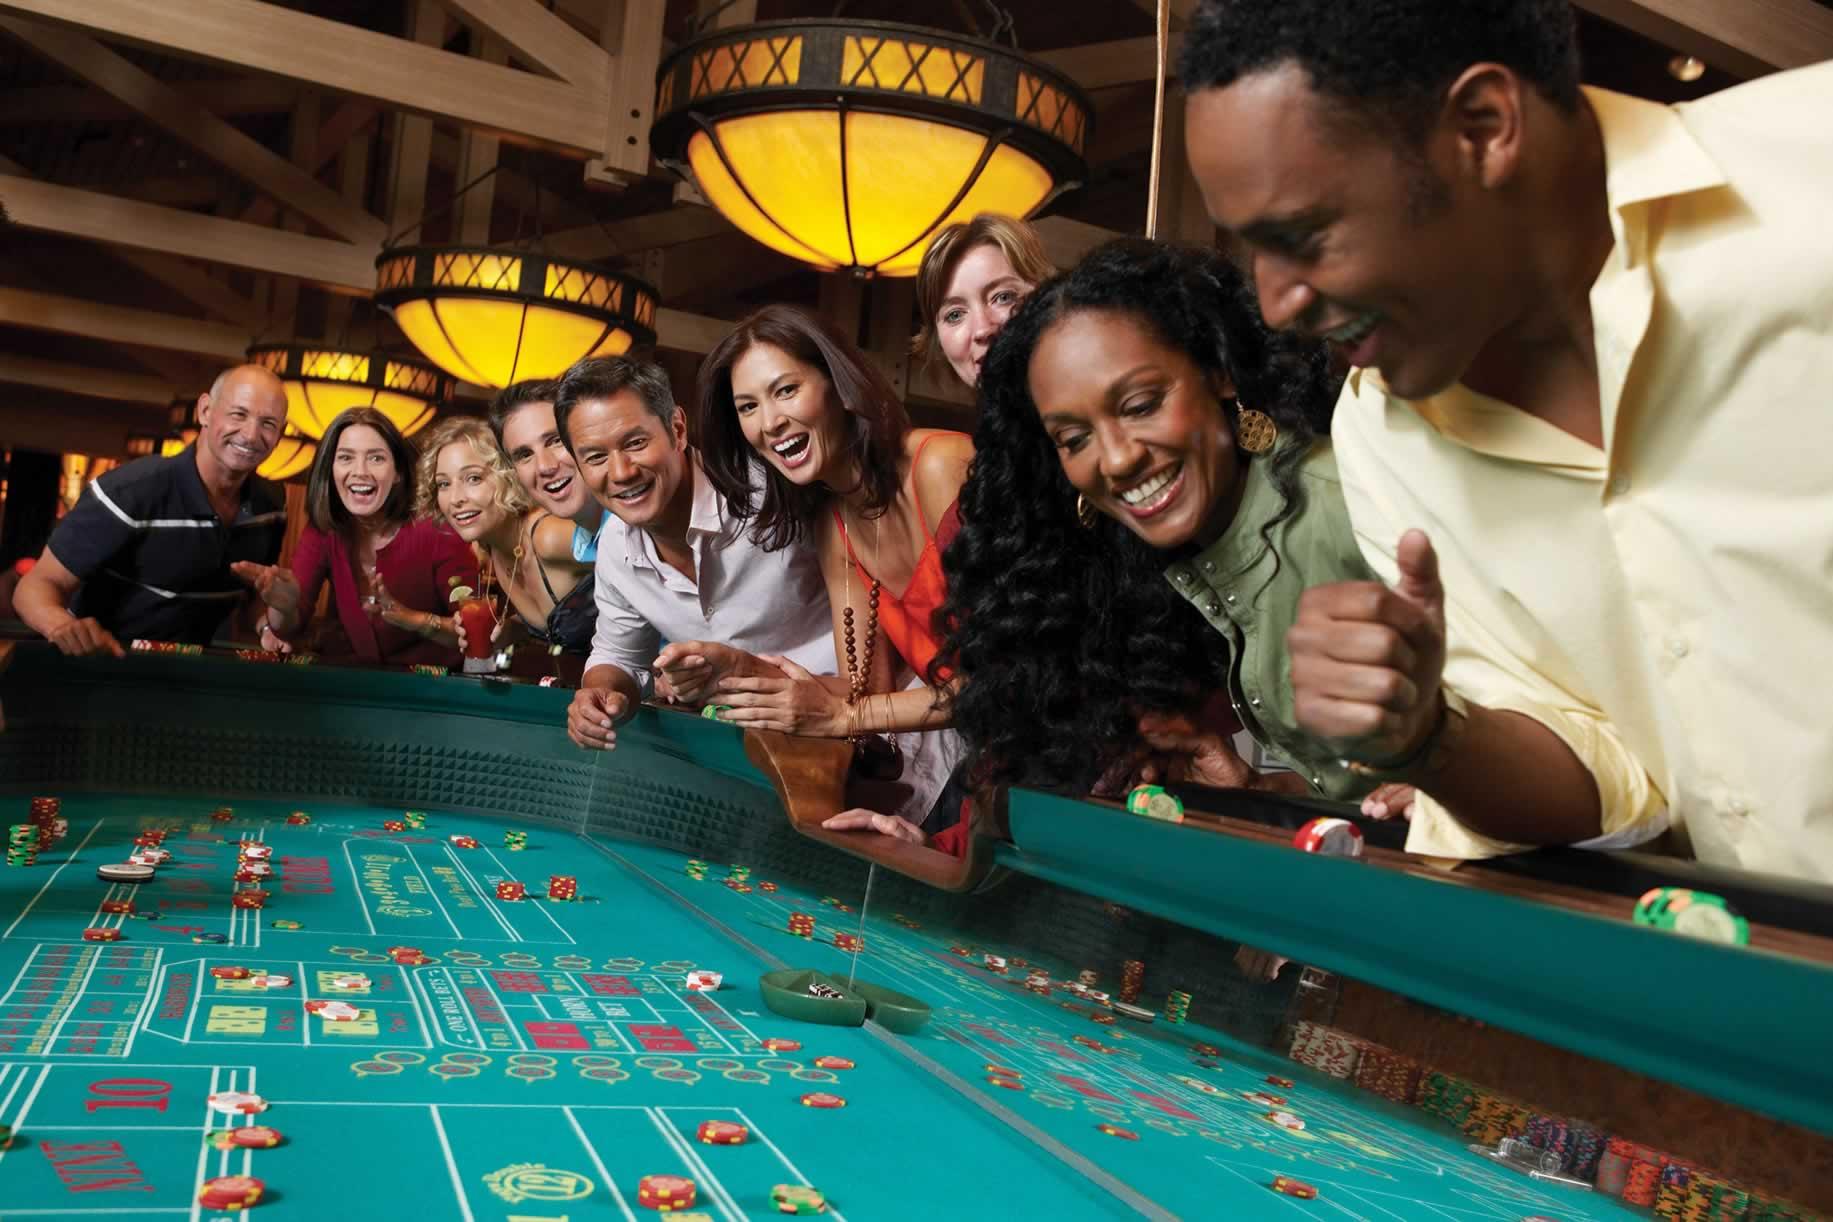 Jouer casino en ligne: peut-on vraiment y gagner de l'argent?